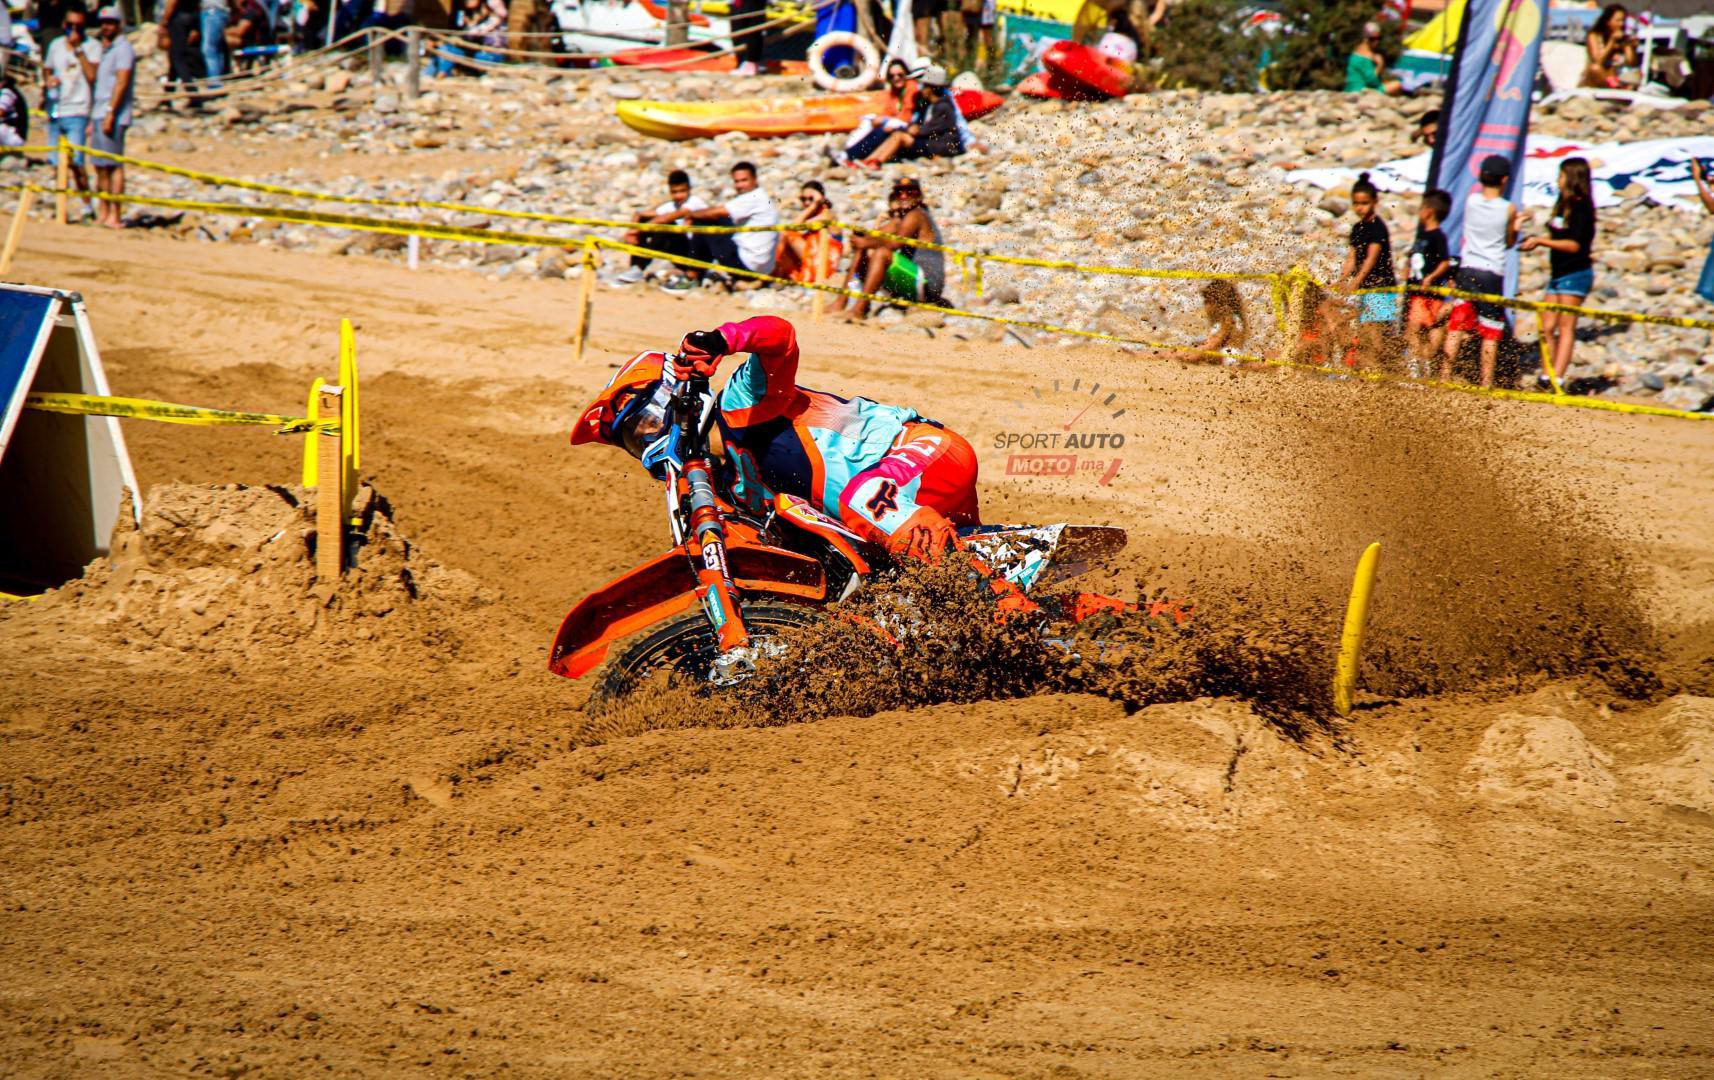 la-plage-d-imi-ouaddar-a-ronronne-durant-la-8eme-edition-de-la-beach-race-paradis-plage-1382-3.jpg